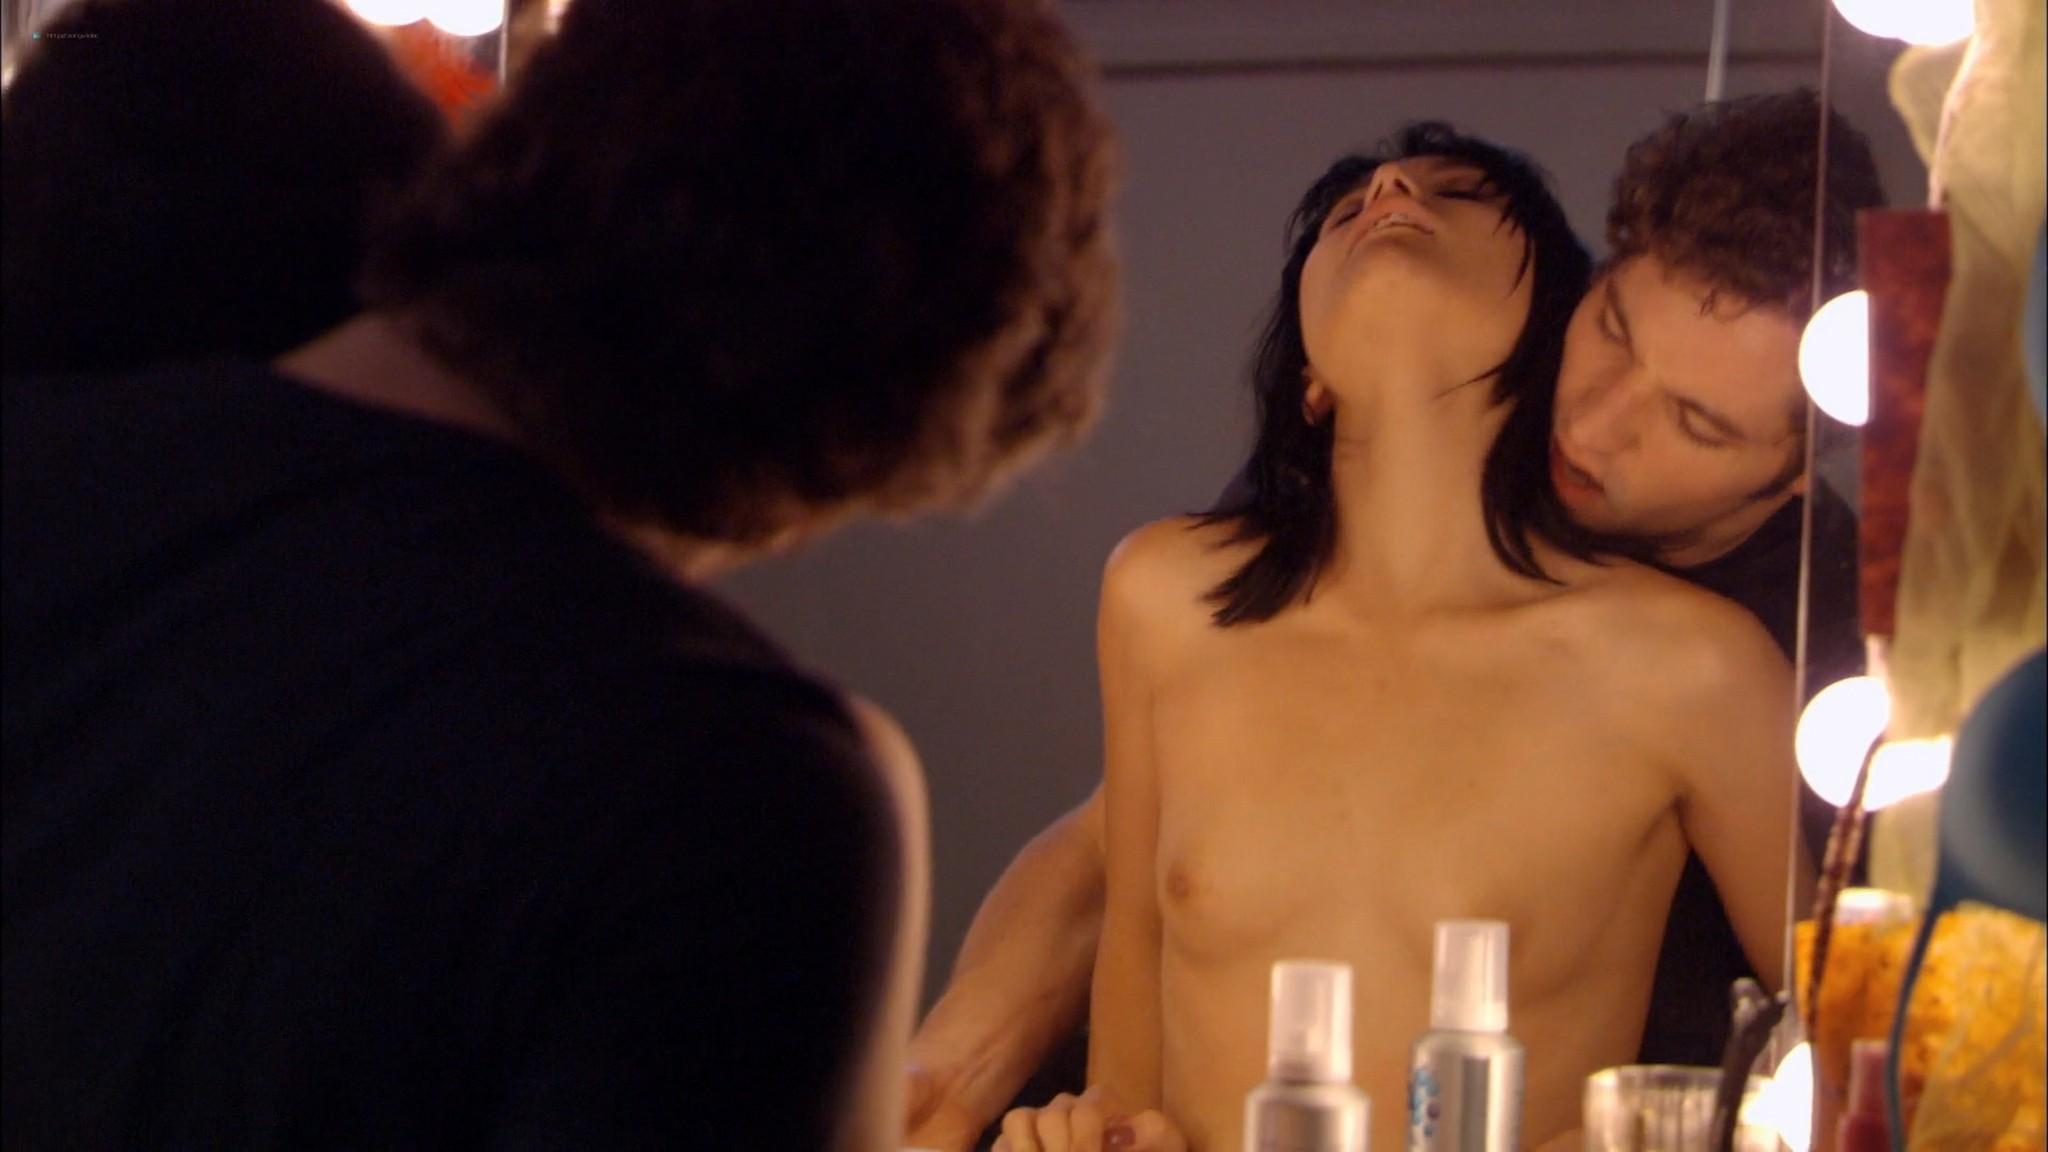 Jennifer Korbin nude hot sex Noelle DuBois Jessica Vandenberg nude sex too Lingerie 2009 s2e13 1080p 6